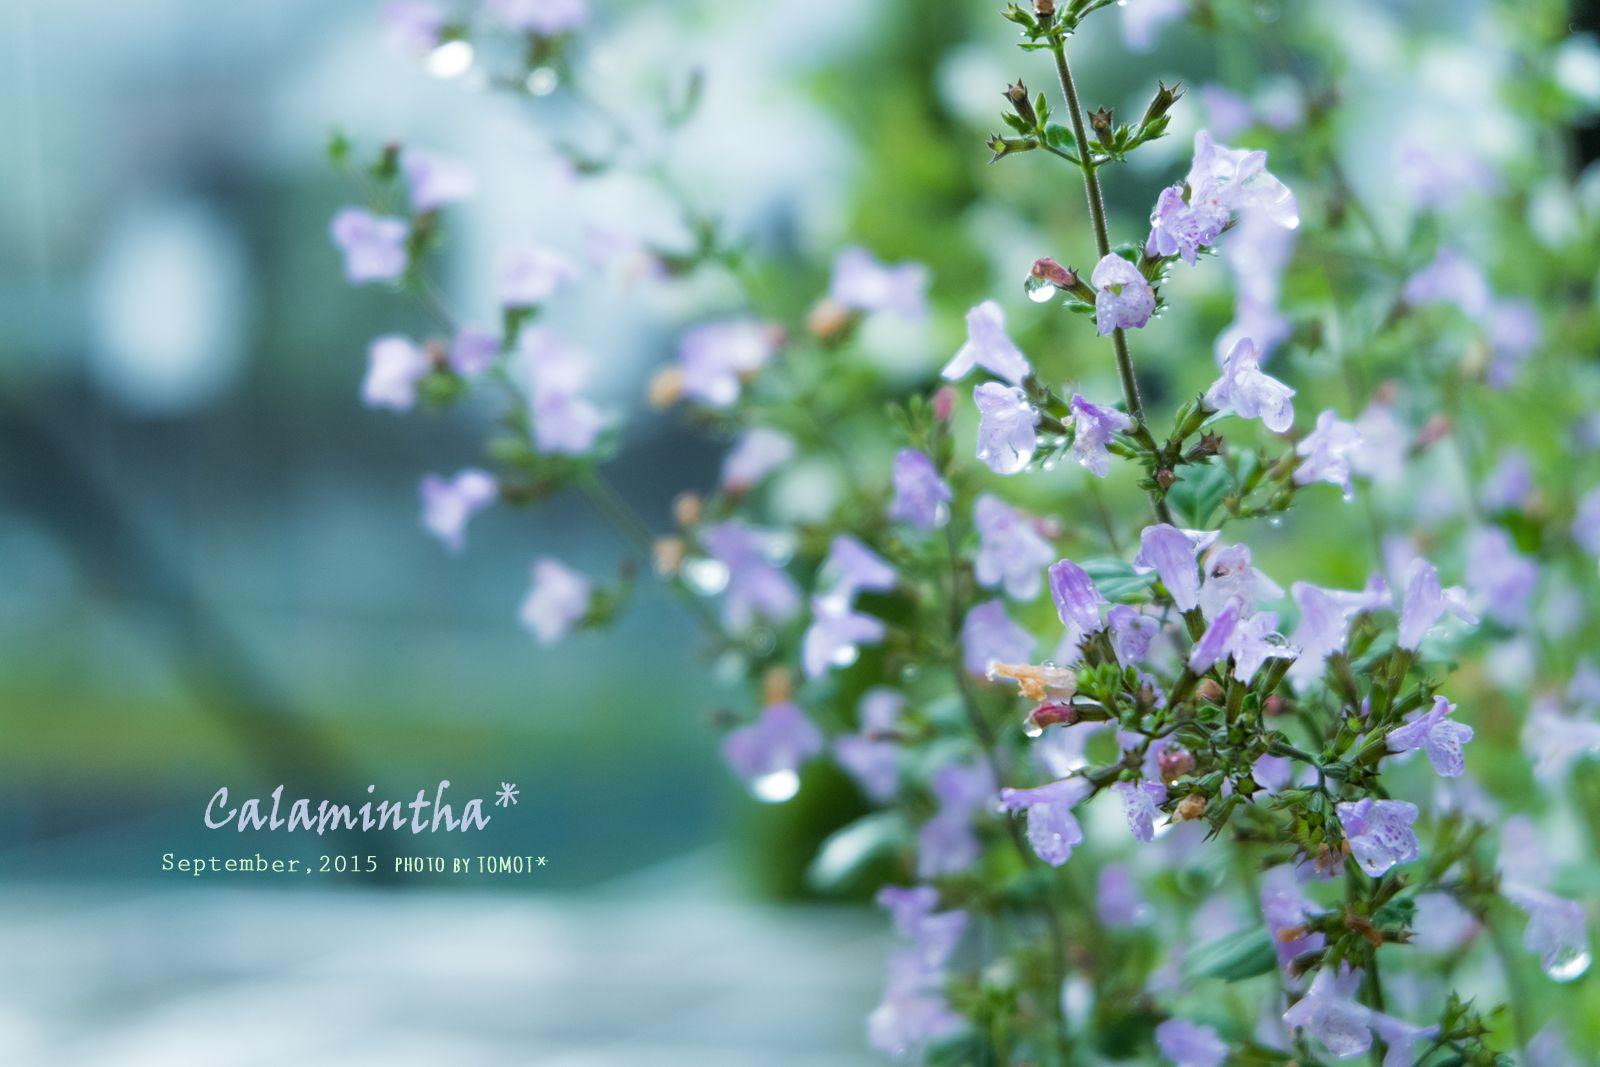 ハーブの一種 カラミンサ 淡紫色と白の色違い ミントの香りも 花 ガーデニング カラミンサ ガーデニング 花